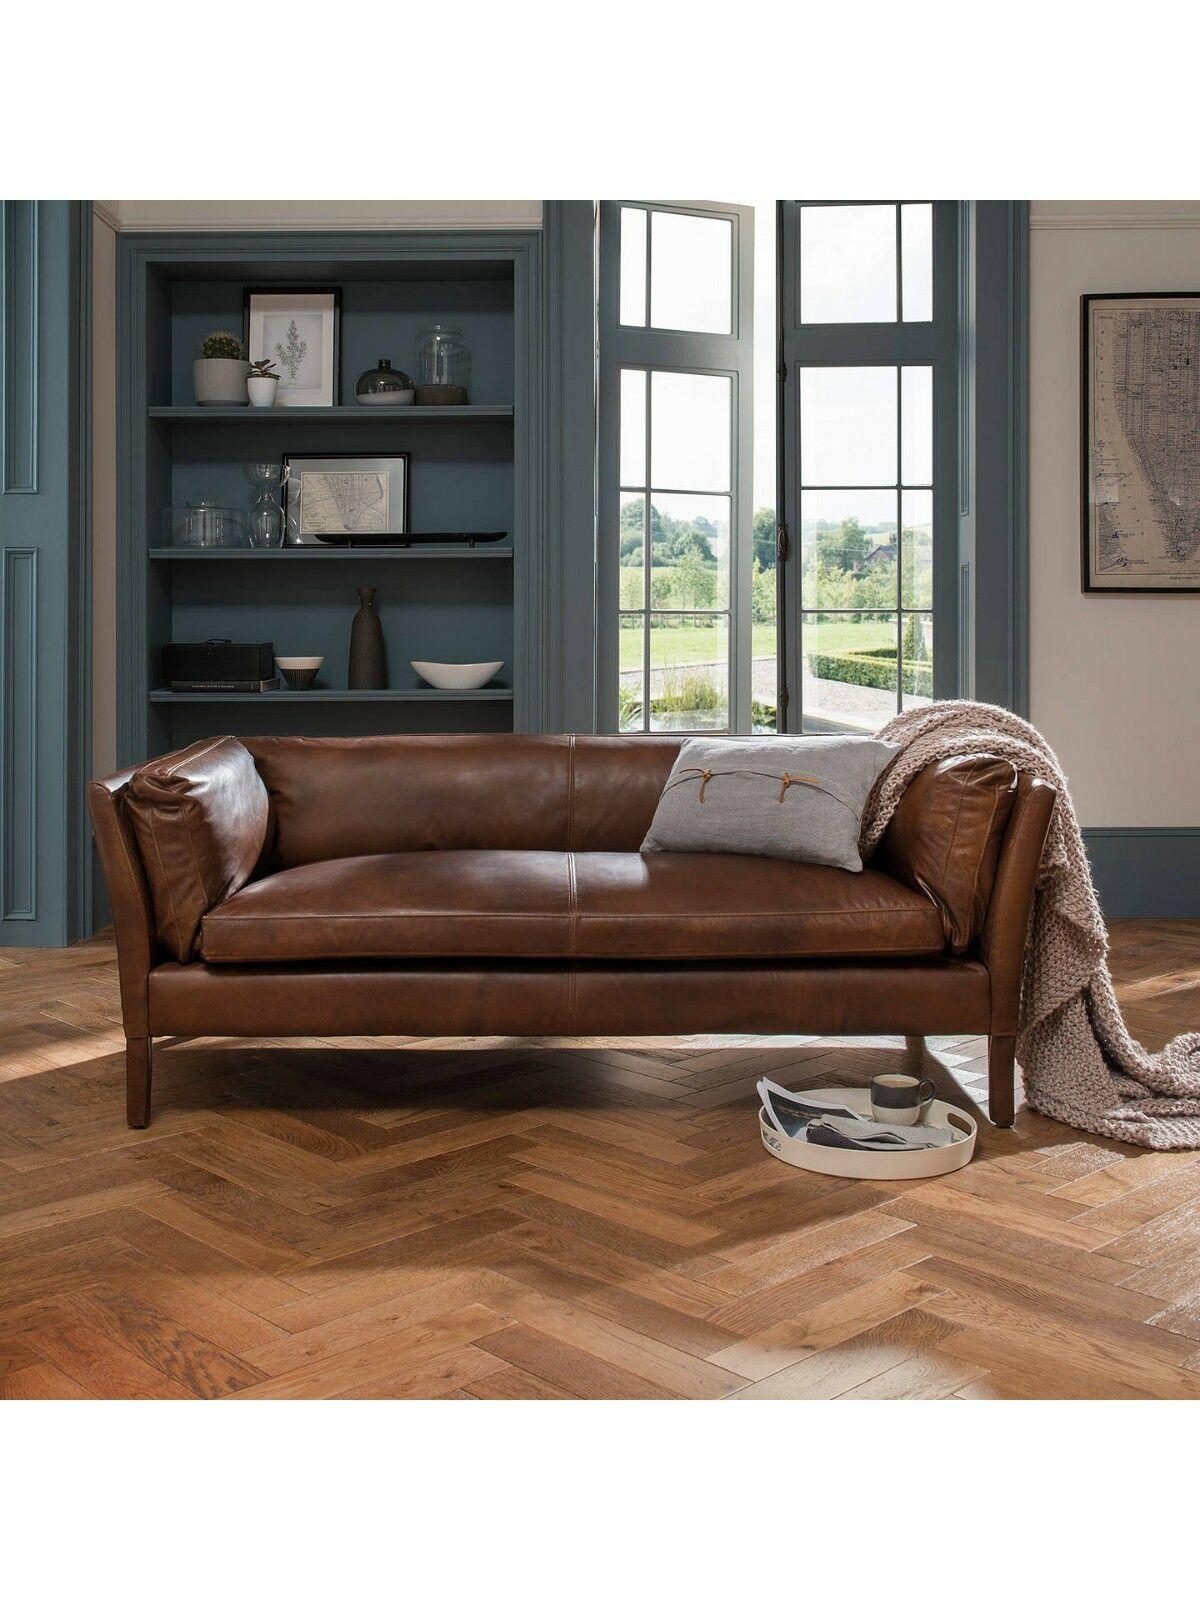 John Lewis Halo Groucho Medium Leather Sofa Riders Nut Rrp 1 699 Ebay Leather Sofa Sofa Sofa Design